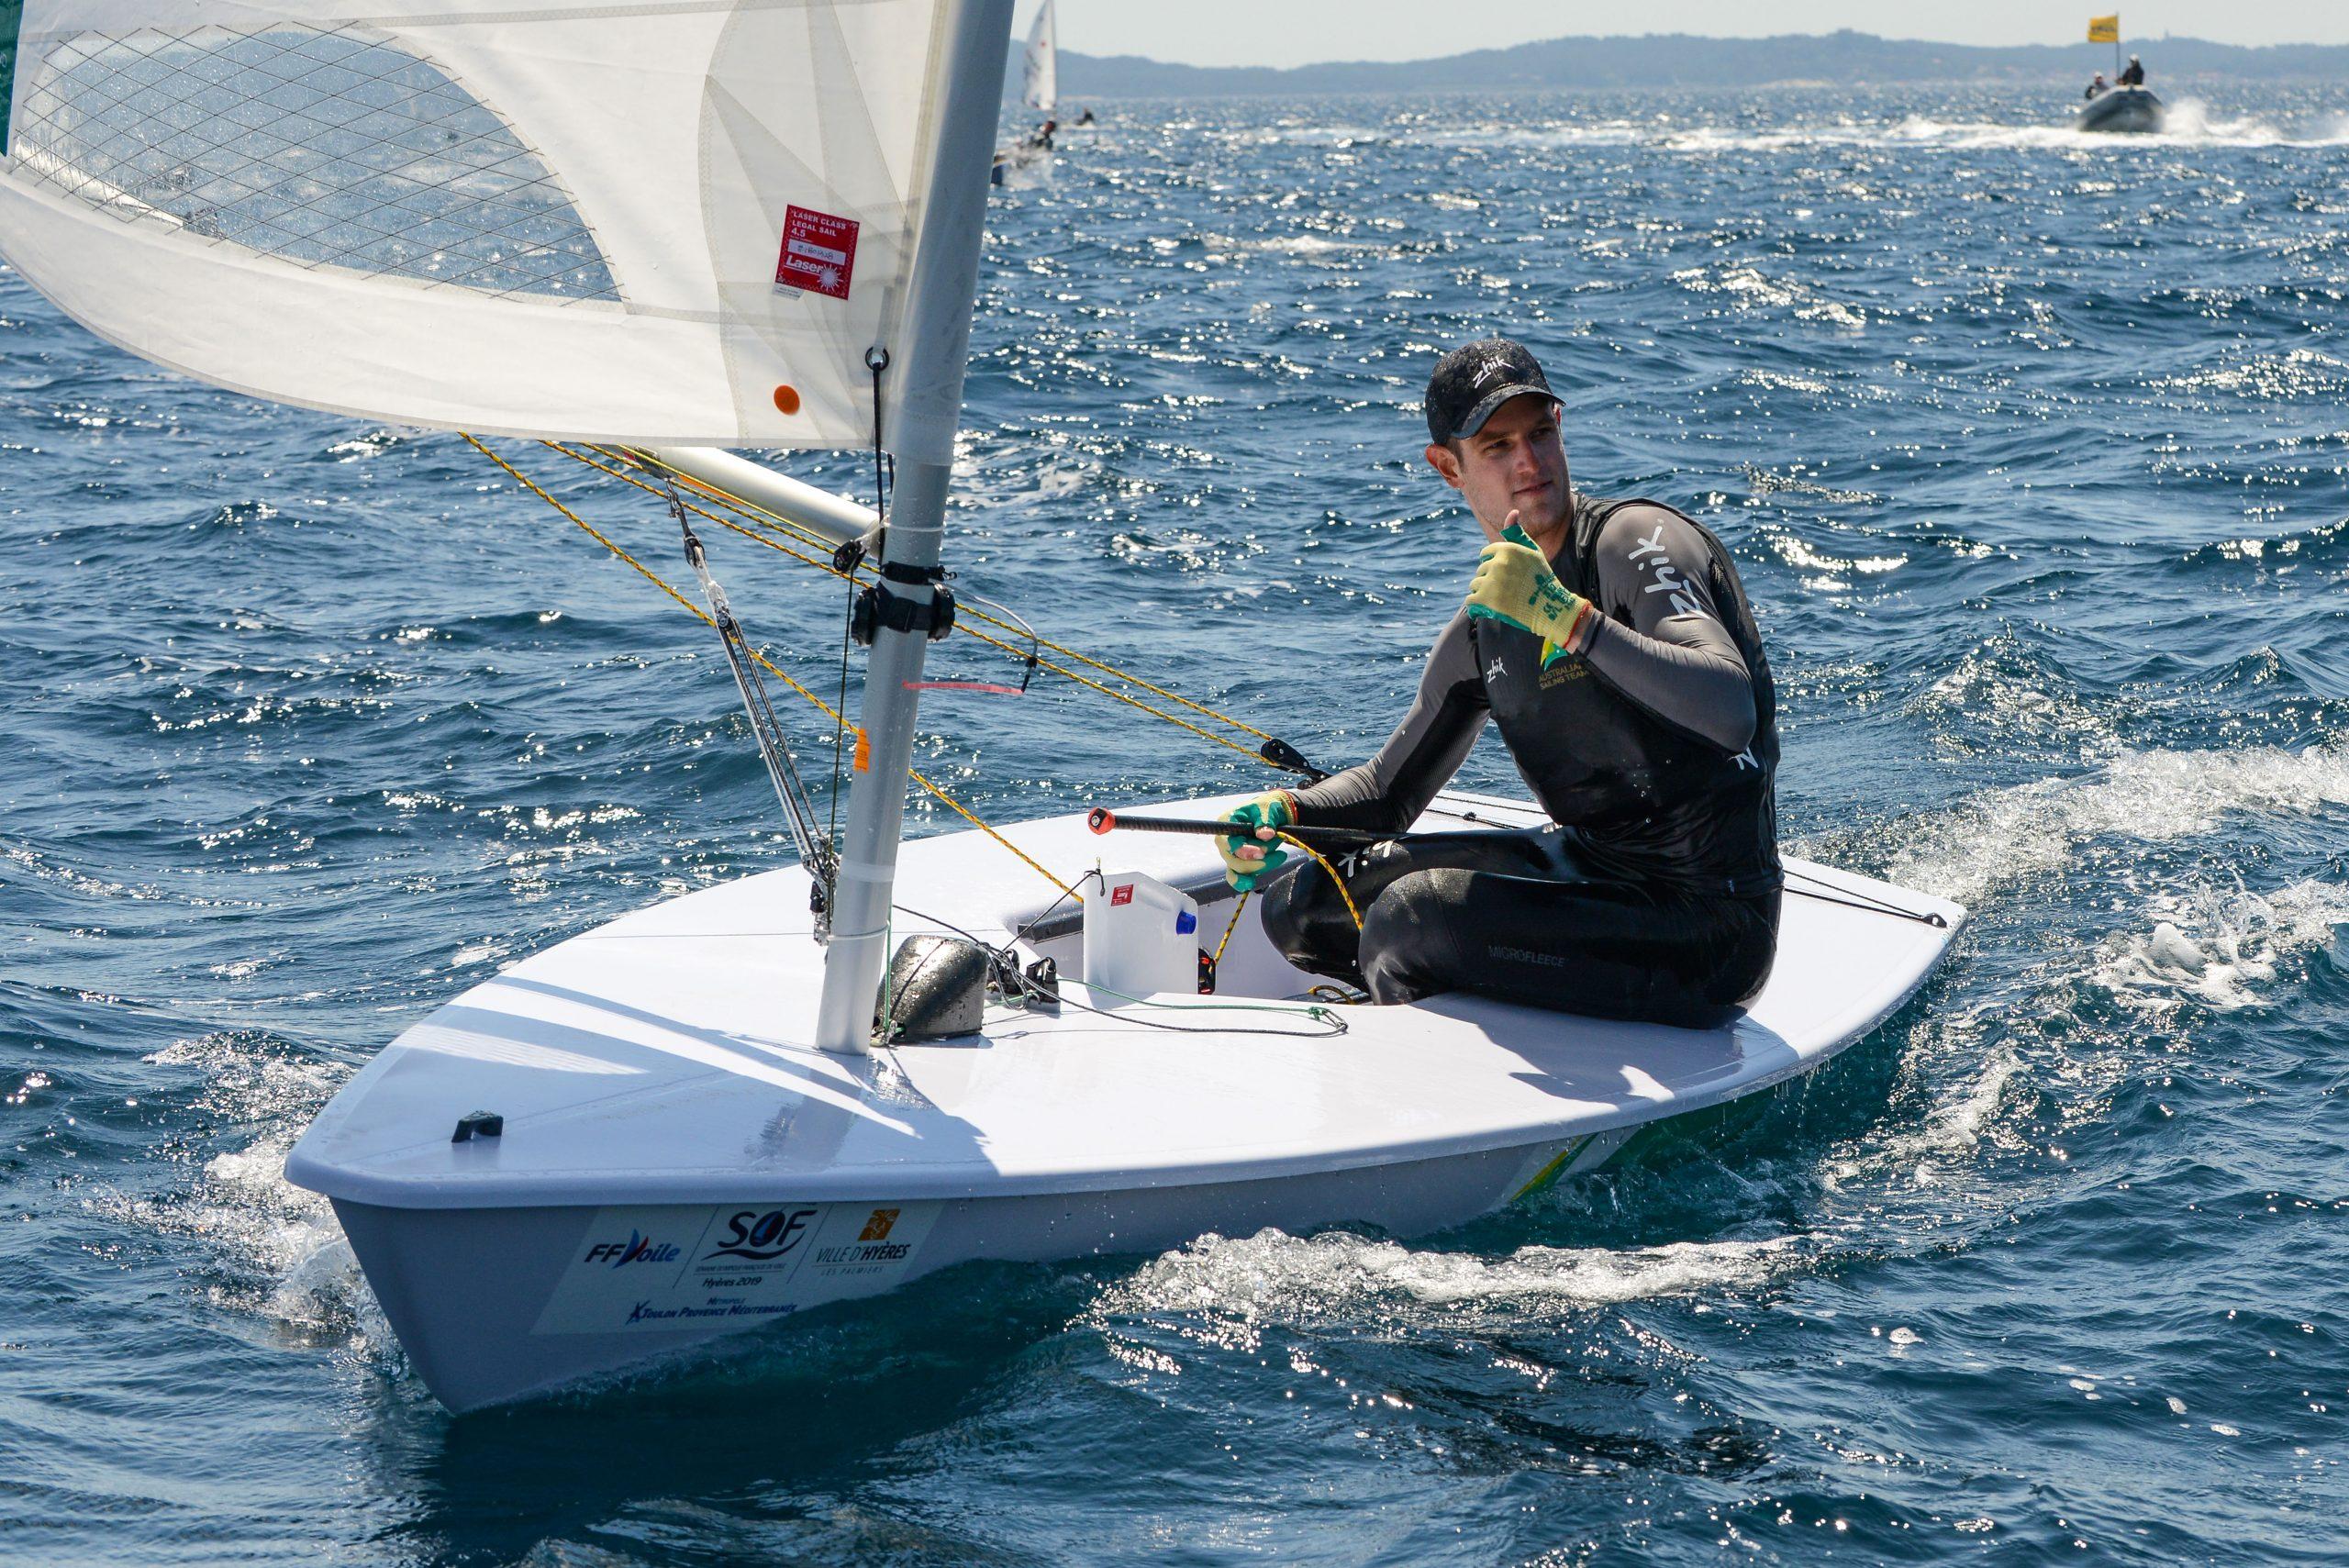 Matt Wearn won the Medal Race and won Gold by a motza